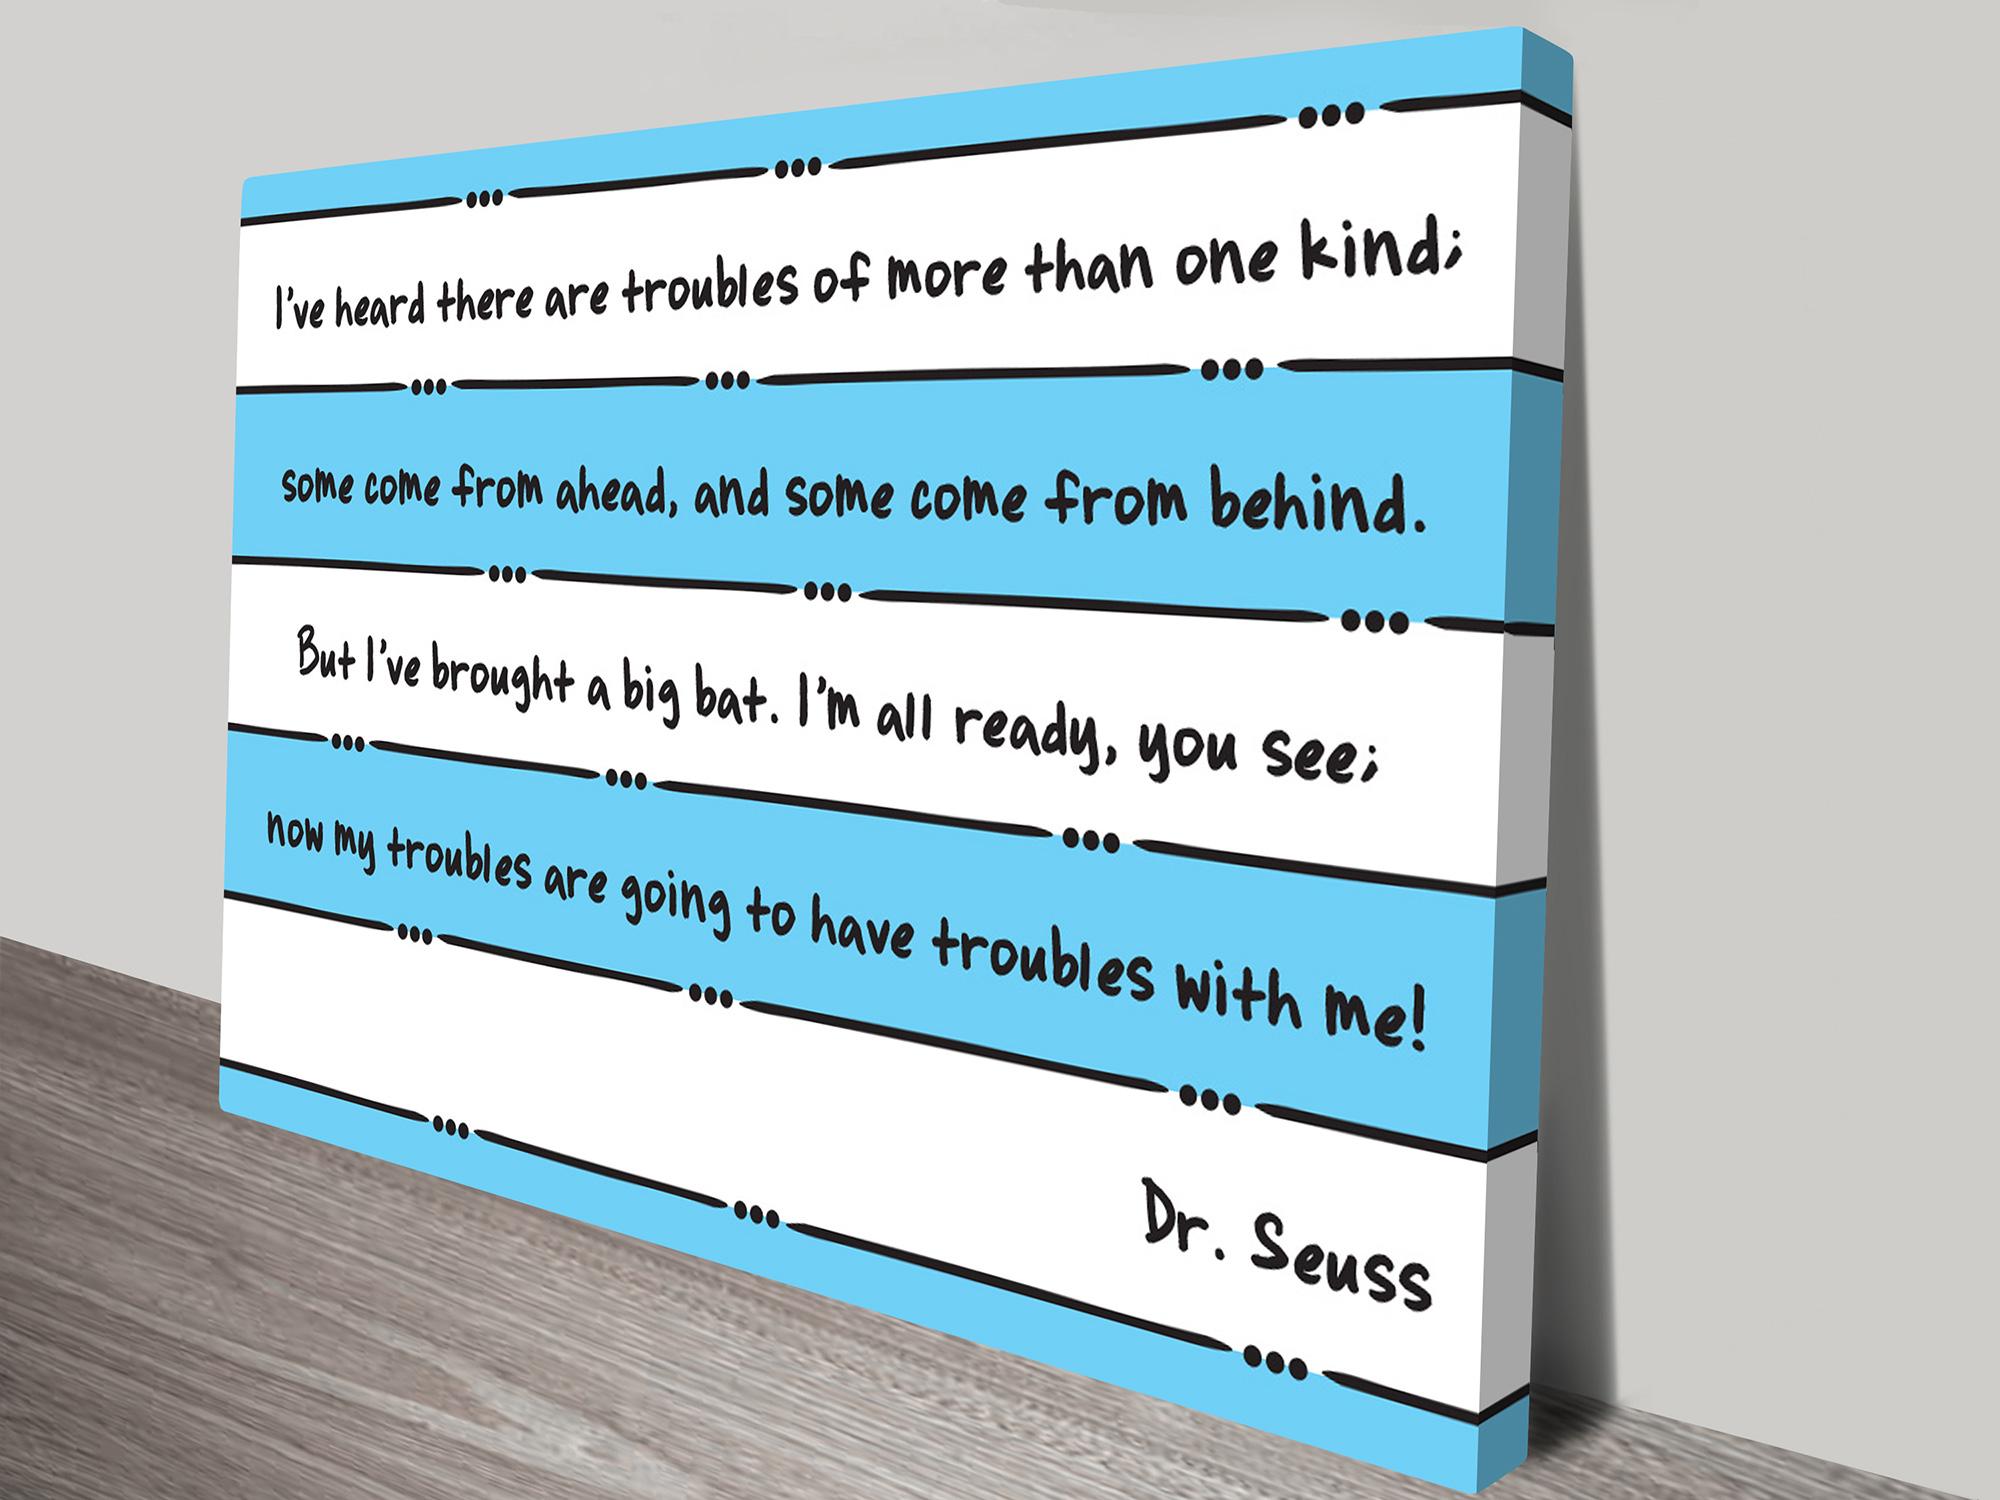 Dr Seuss Troubles Landscape Inspirational Quotes